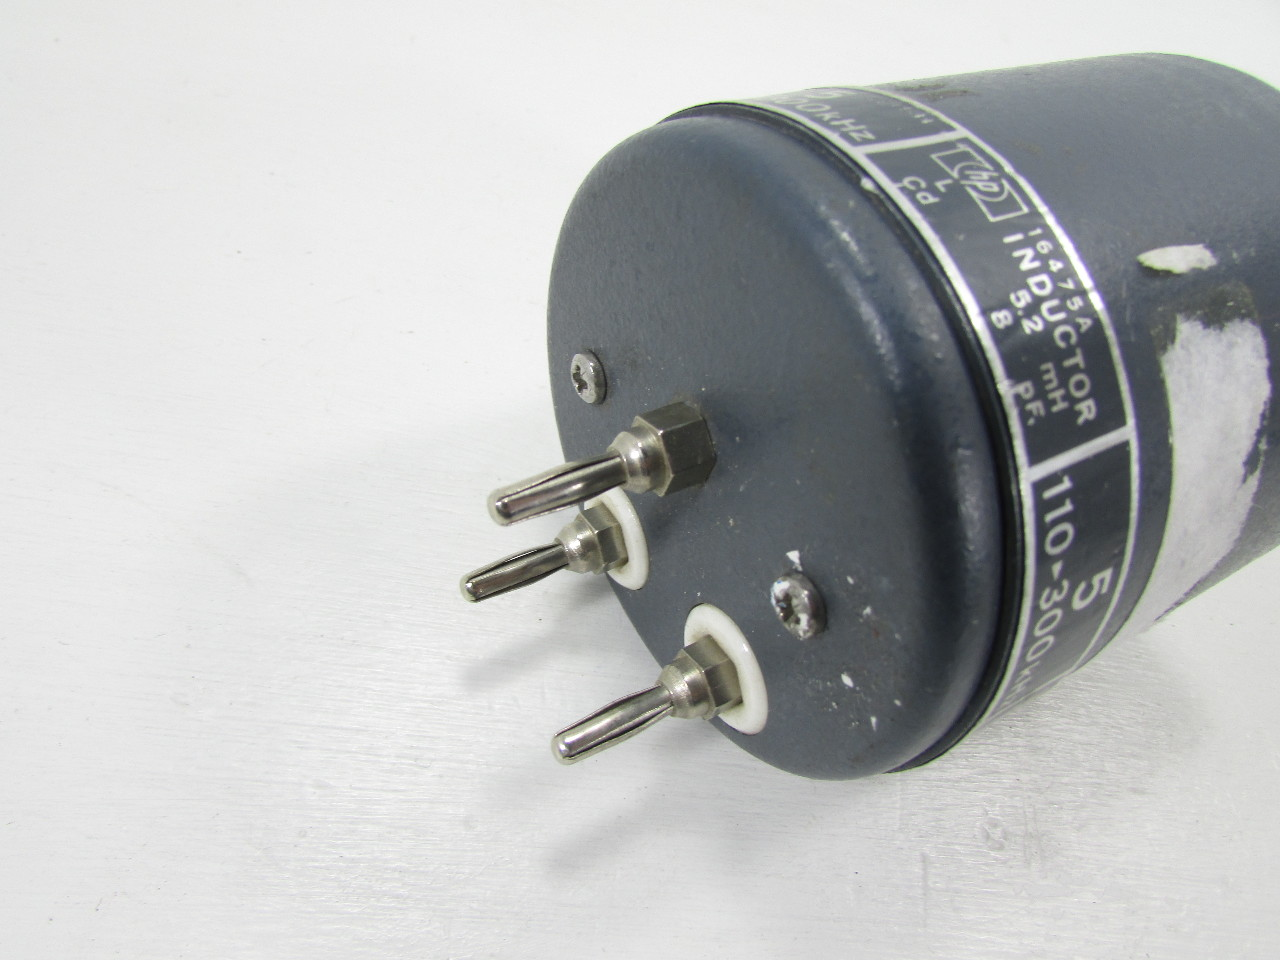 Agilent 16475A Calibration Fixture